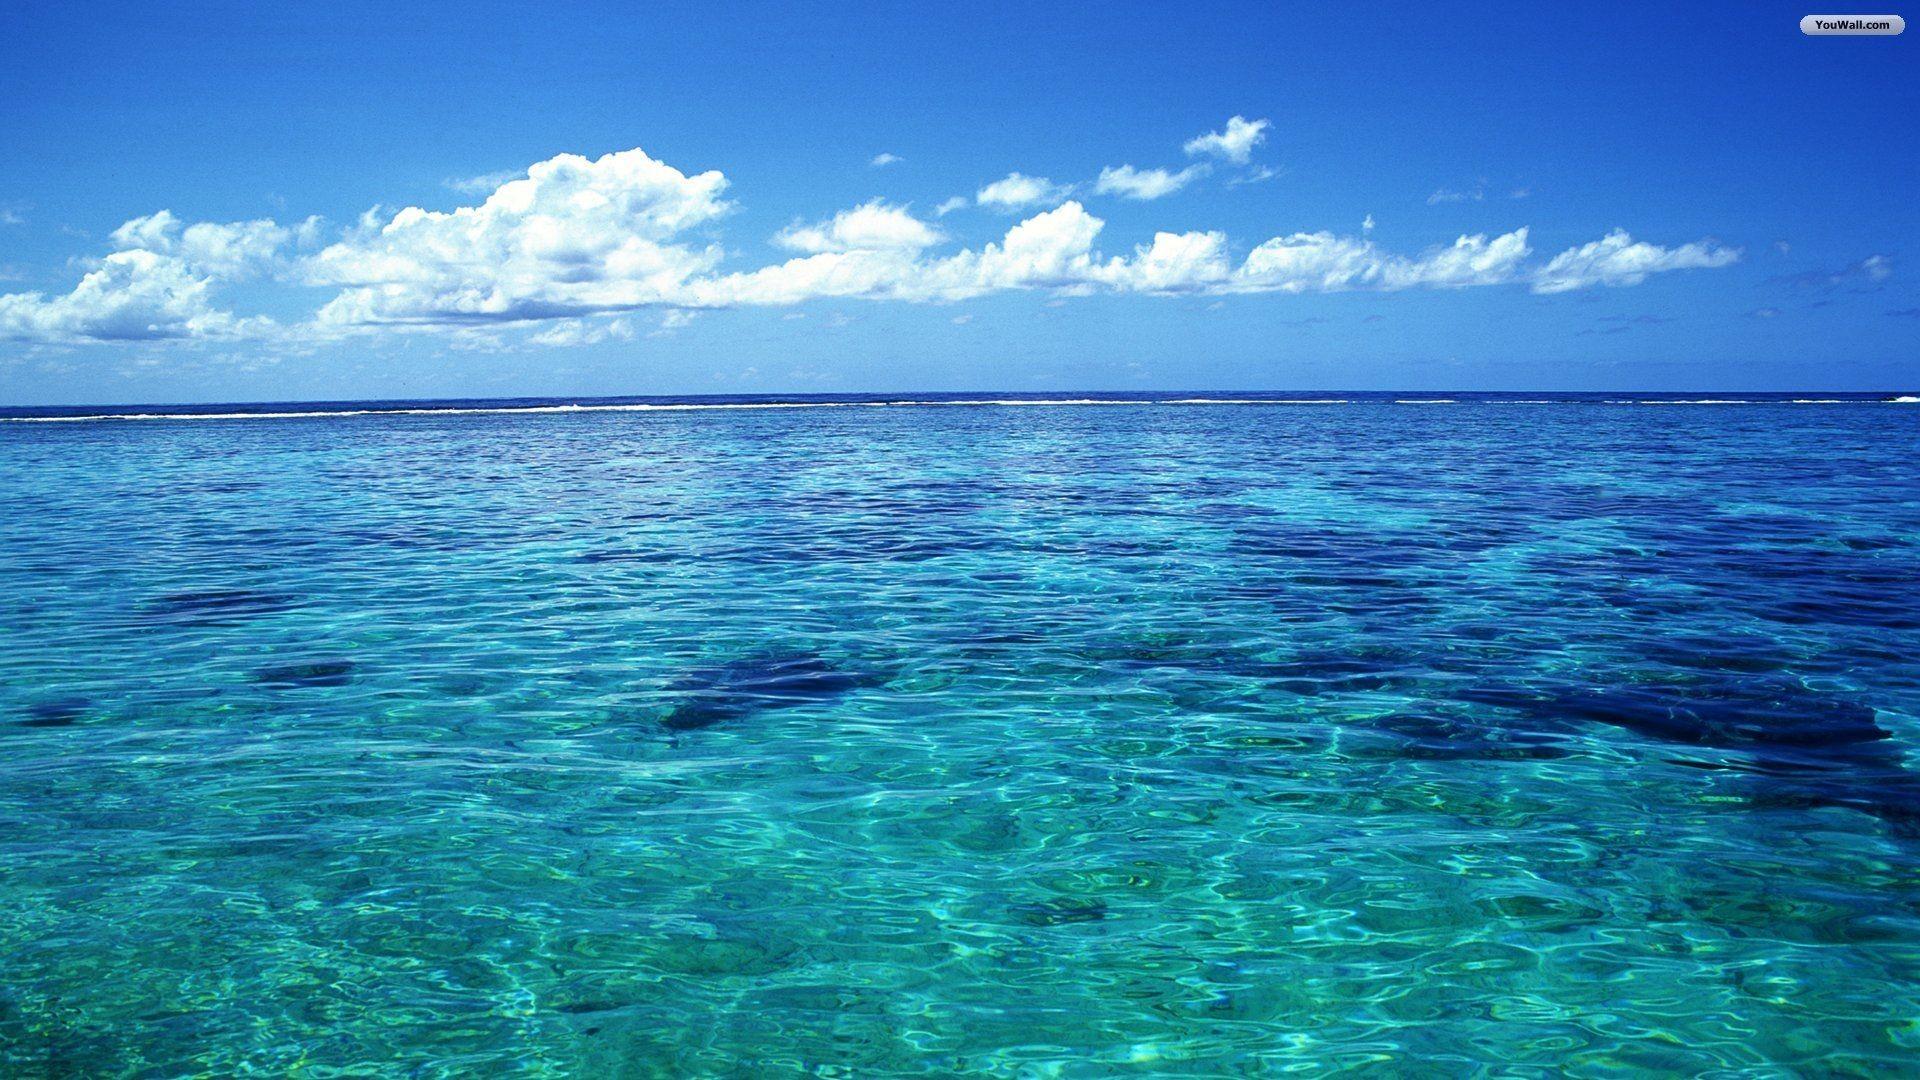 Girl Underwater in Ocean